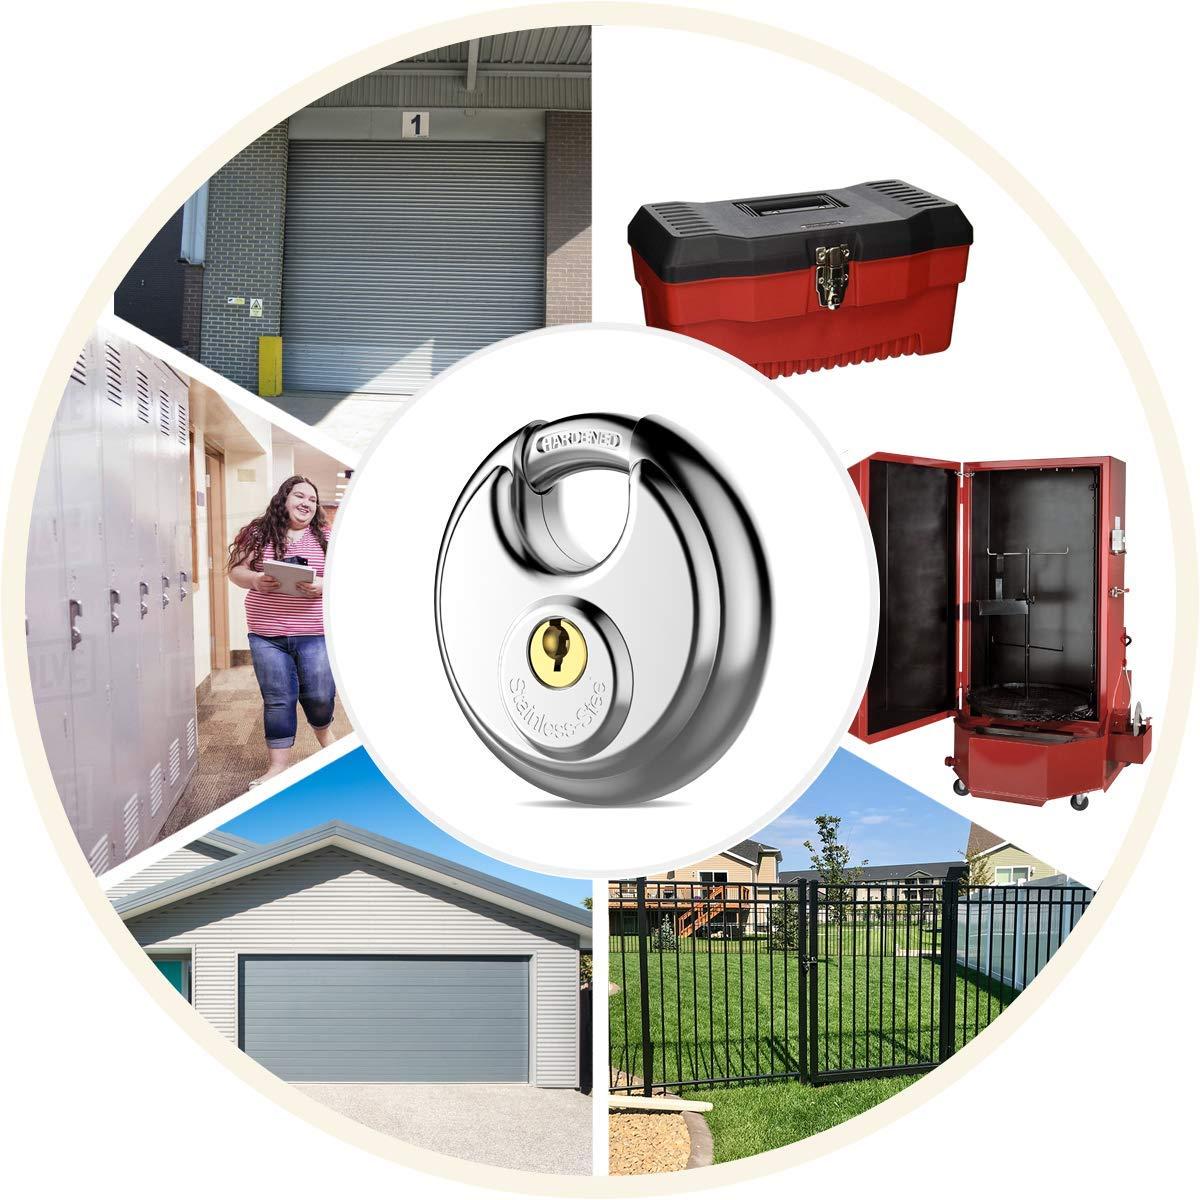 Candado de disco de combinaci/ón de 4 d/ígitos con cerradura de plata de grillete de acero endurecido para cobertizos gimnasio y cerca unidad de almacenamiento paquete de 2